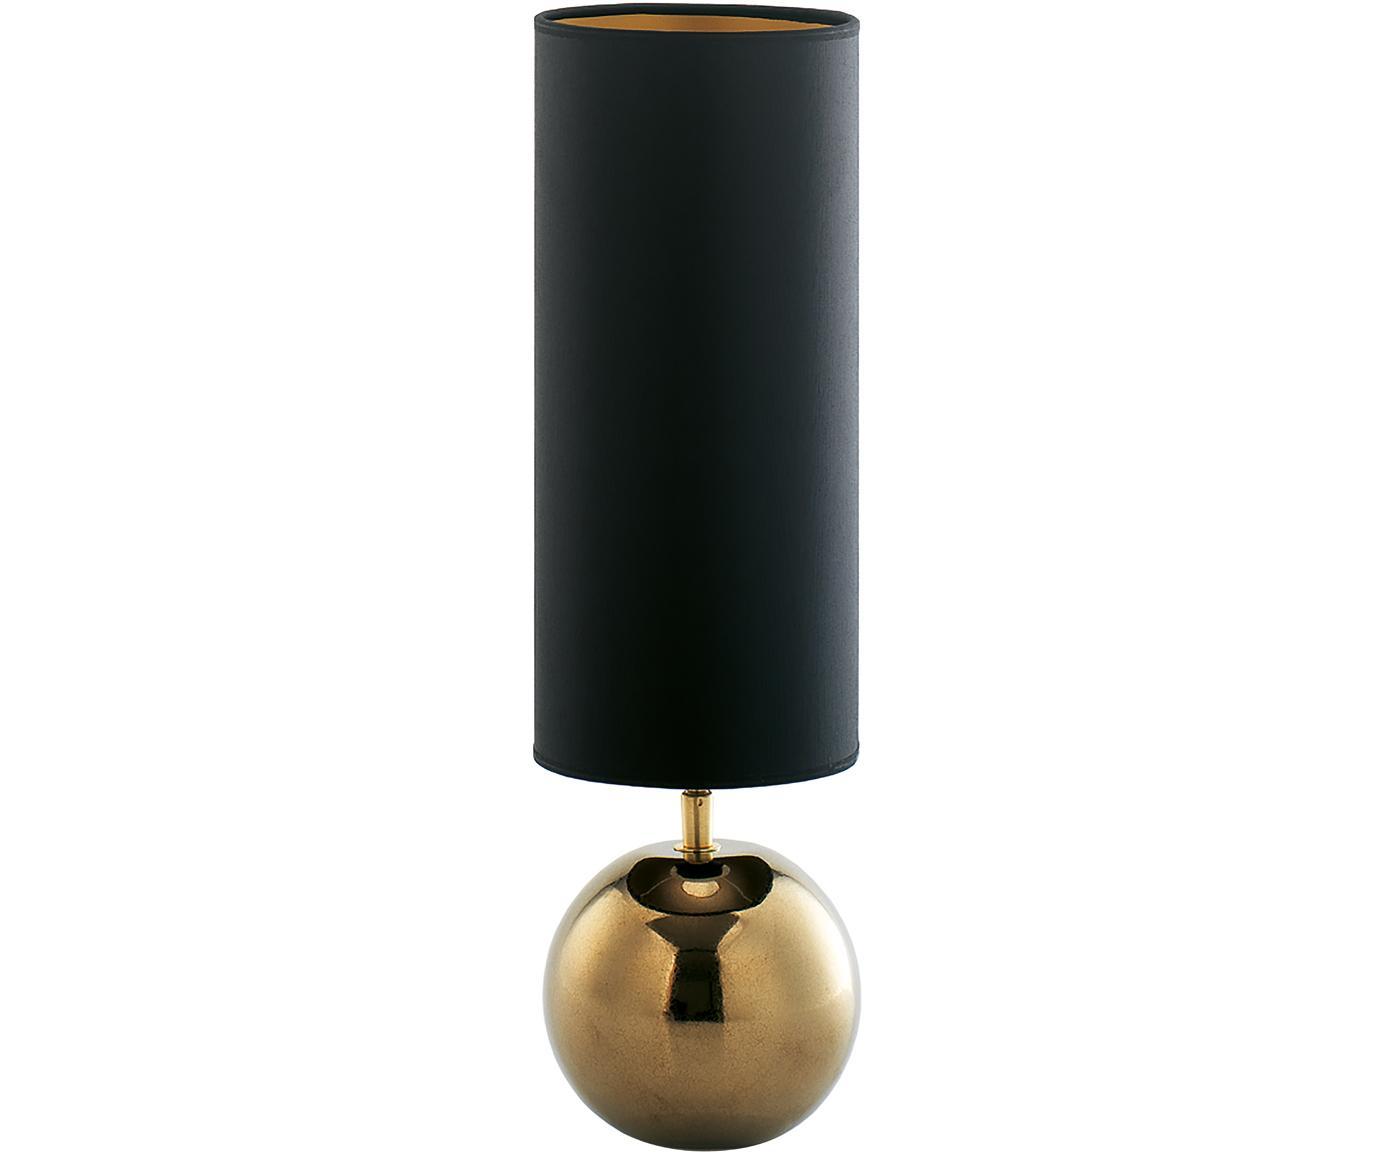 Keramik-Tischleuchte Neve, Lampenschirm: Polyester, Lampenfuß: Keramik, Schwarz, Goldfarben, Ø 15 x H 52 cm